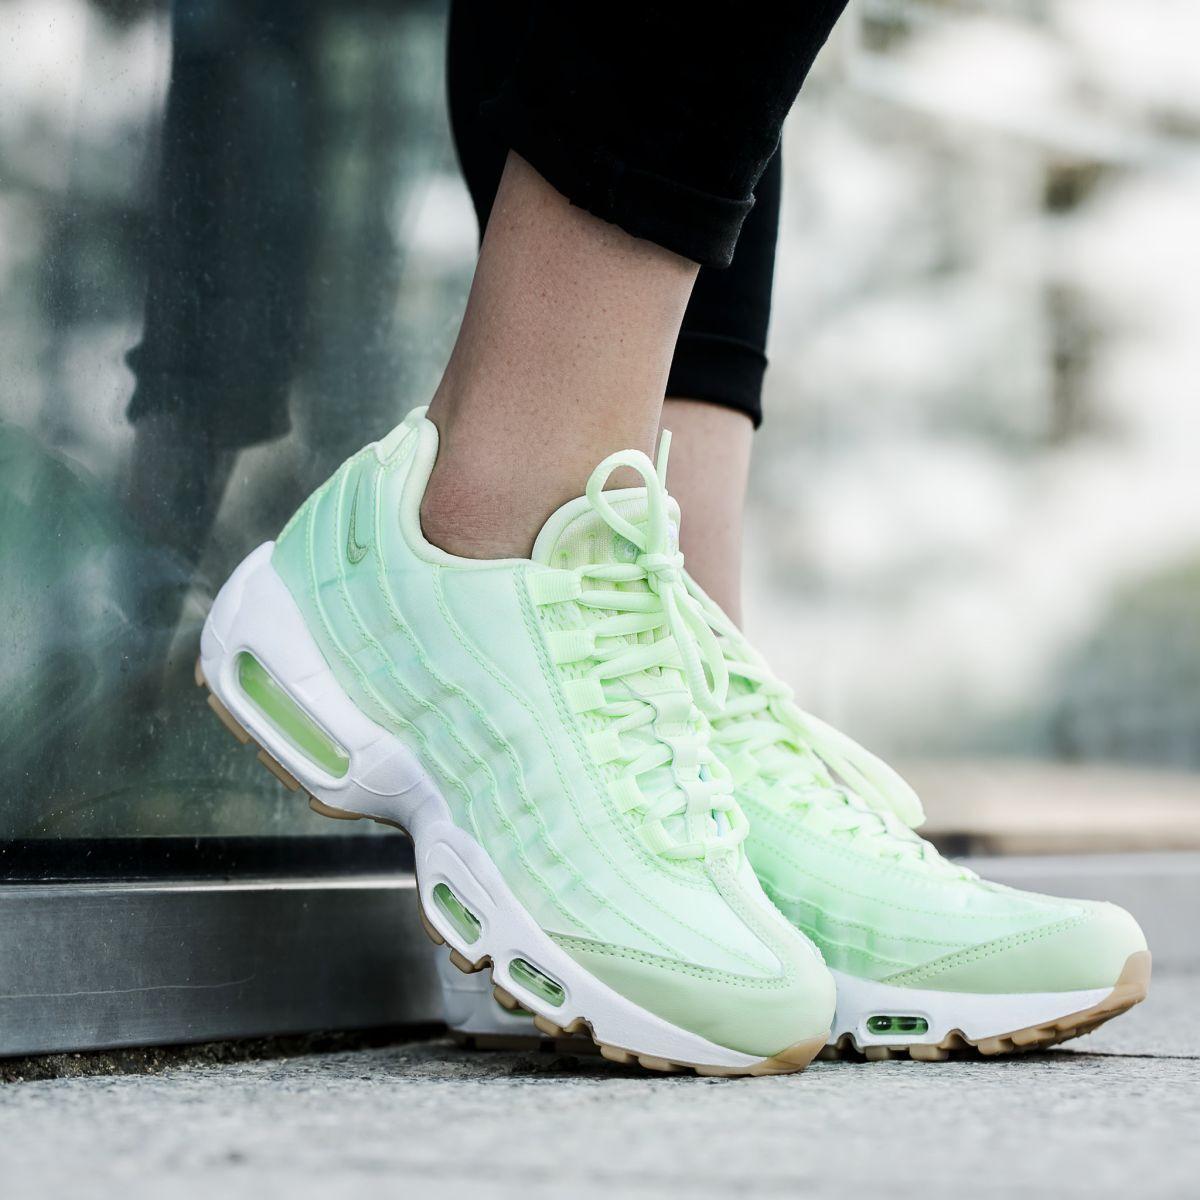 408e272601 Nike Air Max 95 WQS Womens 919491-300 Liquid Lime Satin Running ...